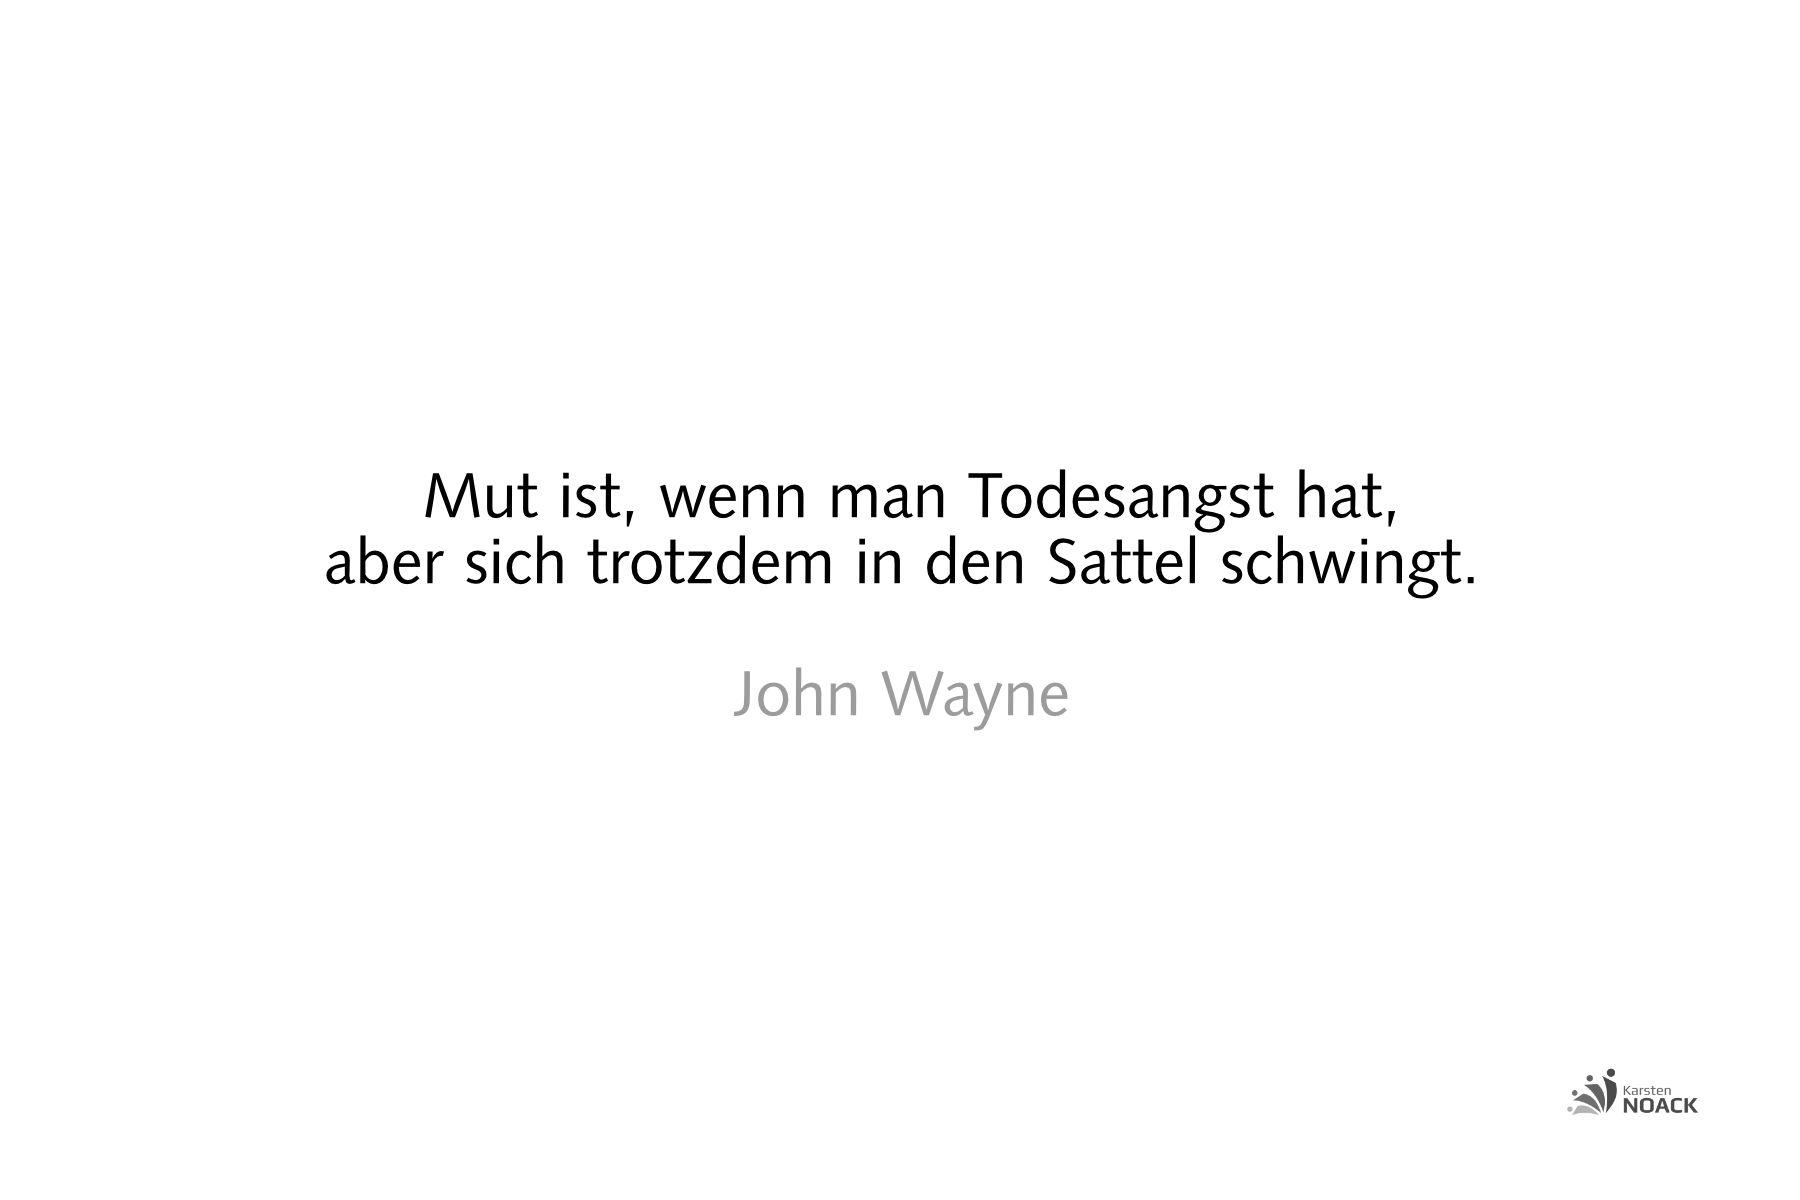 Mut ist, wenn man Todesangst hat, aber sich trotzdem in den Sattel schwingt. John Wayne